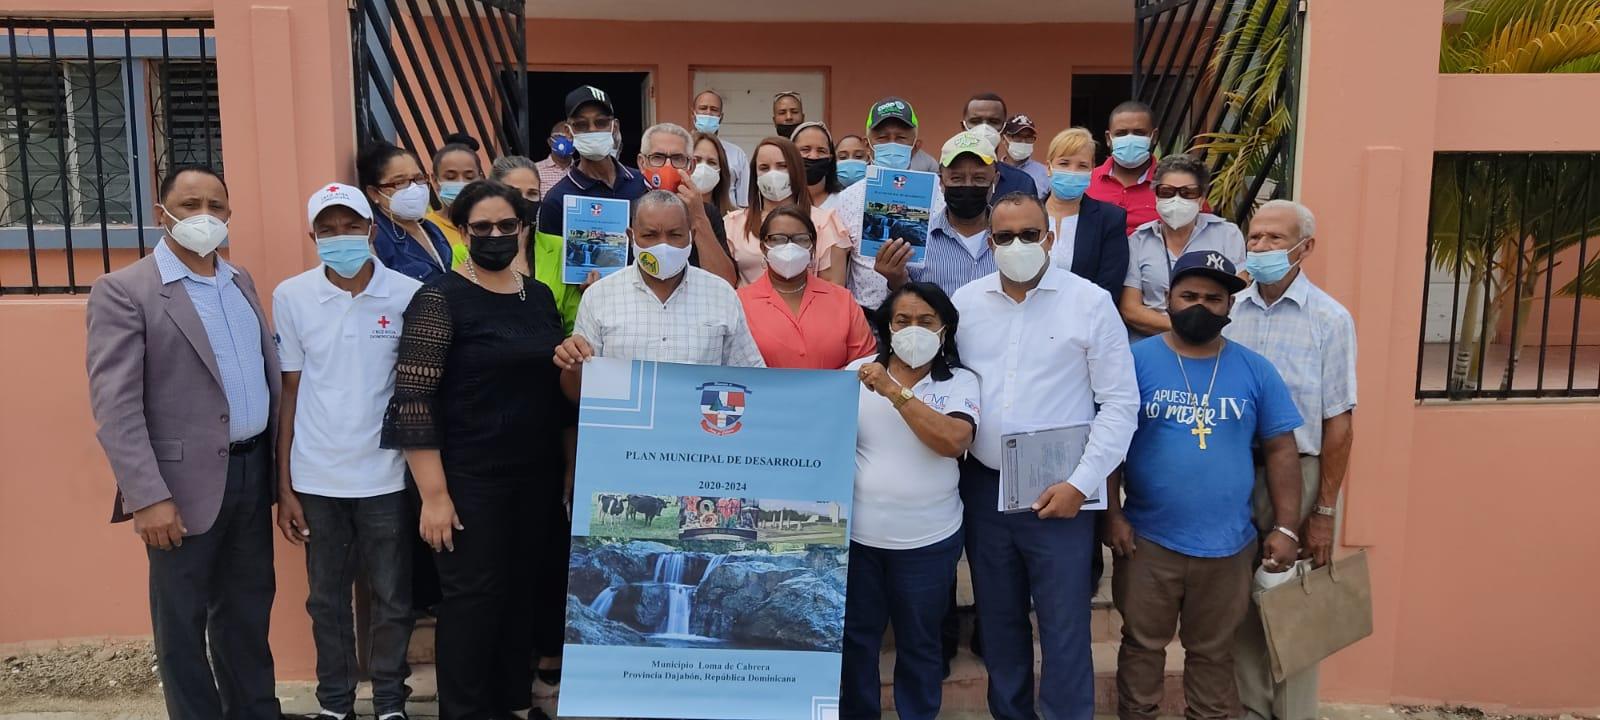 La Alcaldía Municipal de Loma de Cabrera presenta su Plan de Desarrollo Municipal 2020-2024